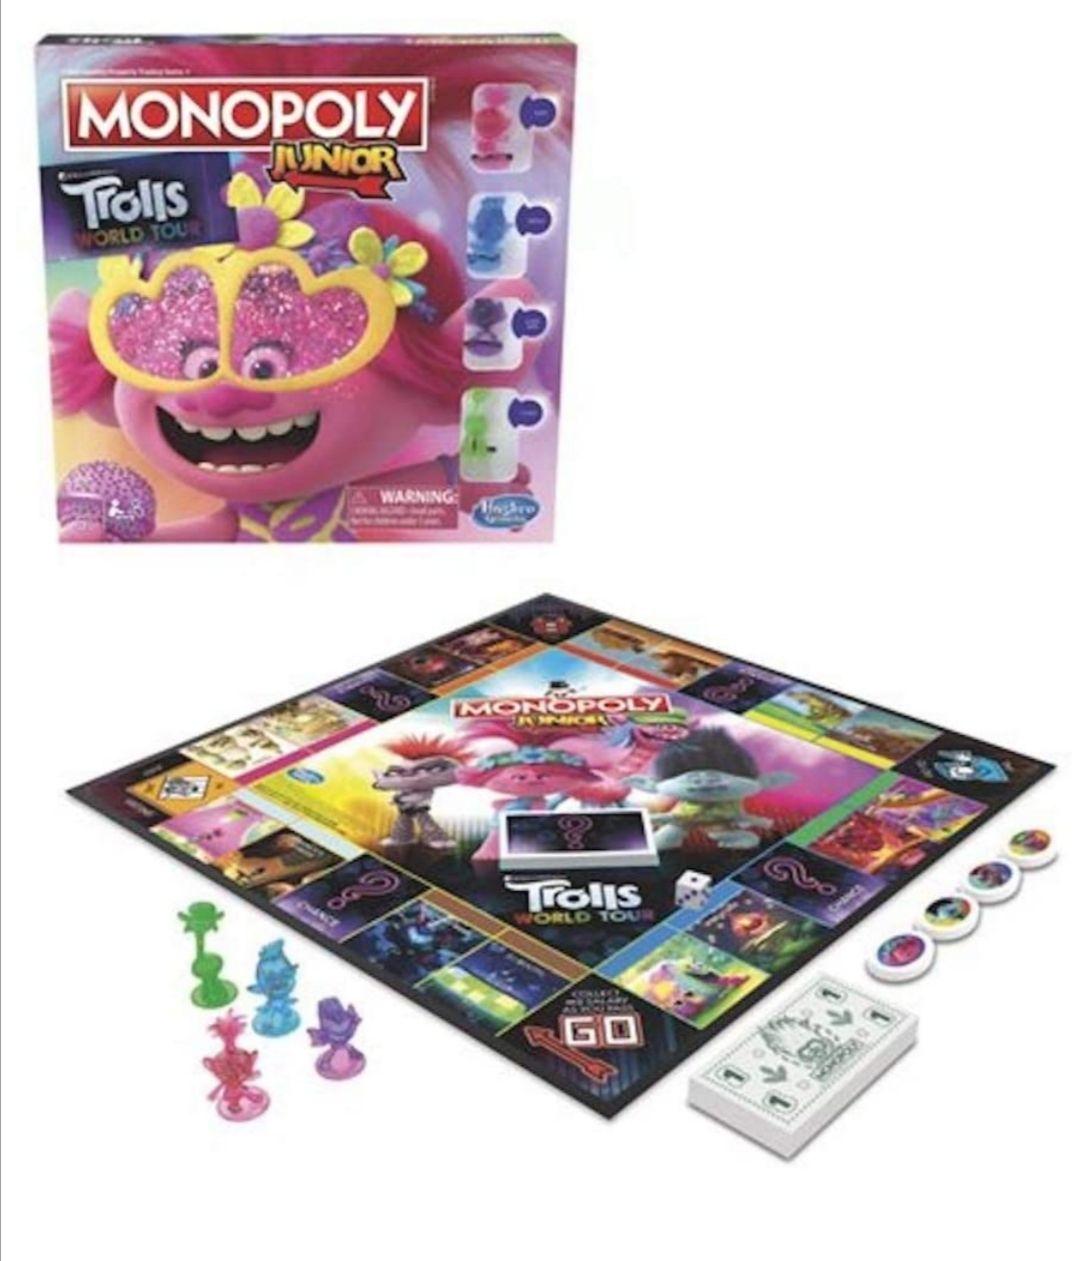 Amazon: Hasbro Gaming Monopoly Jr Trolls Juego de Mesa